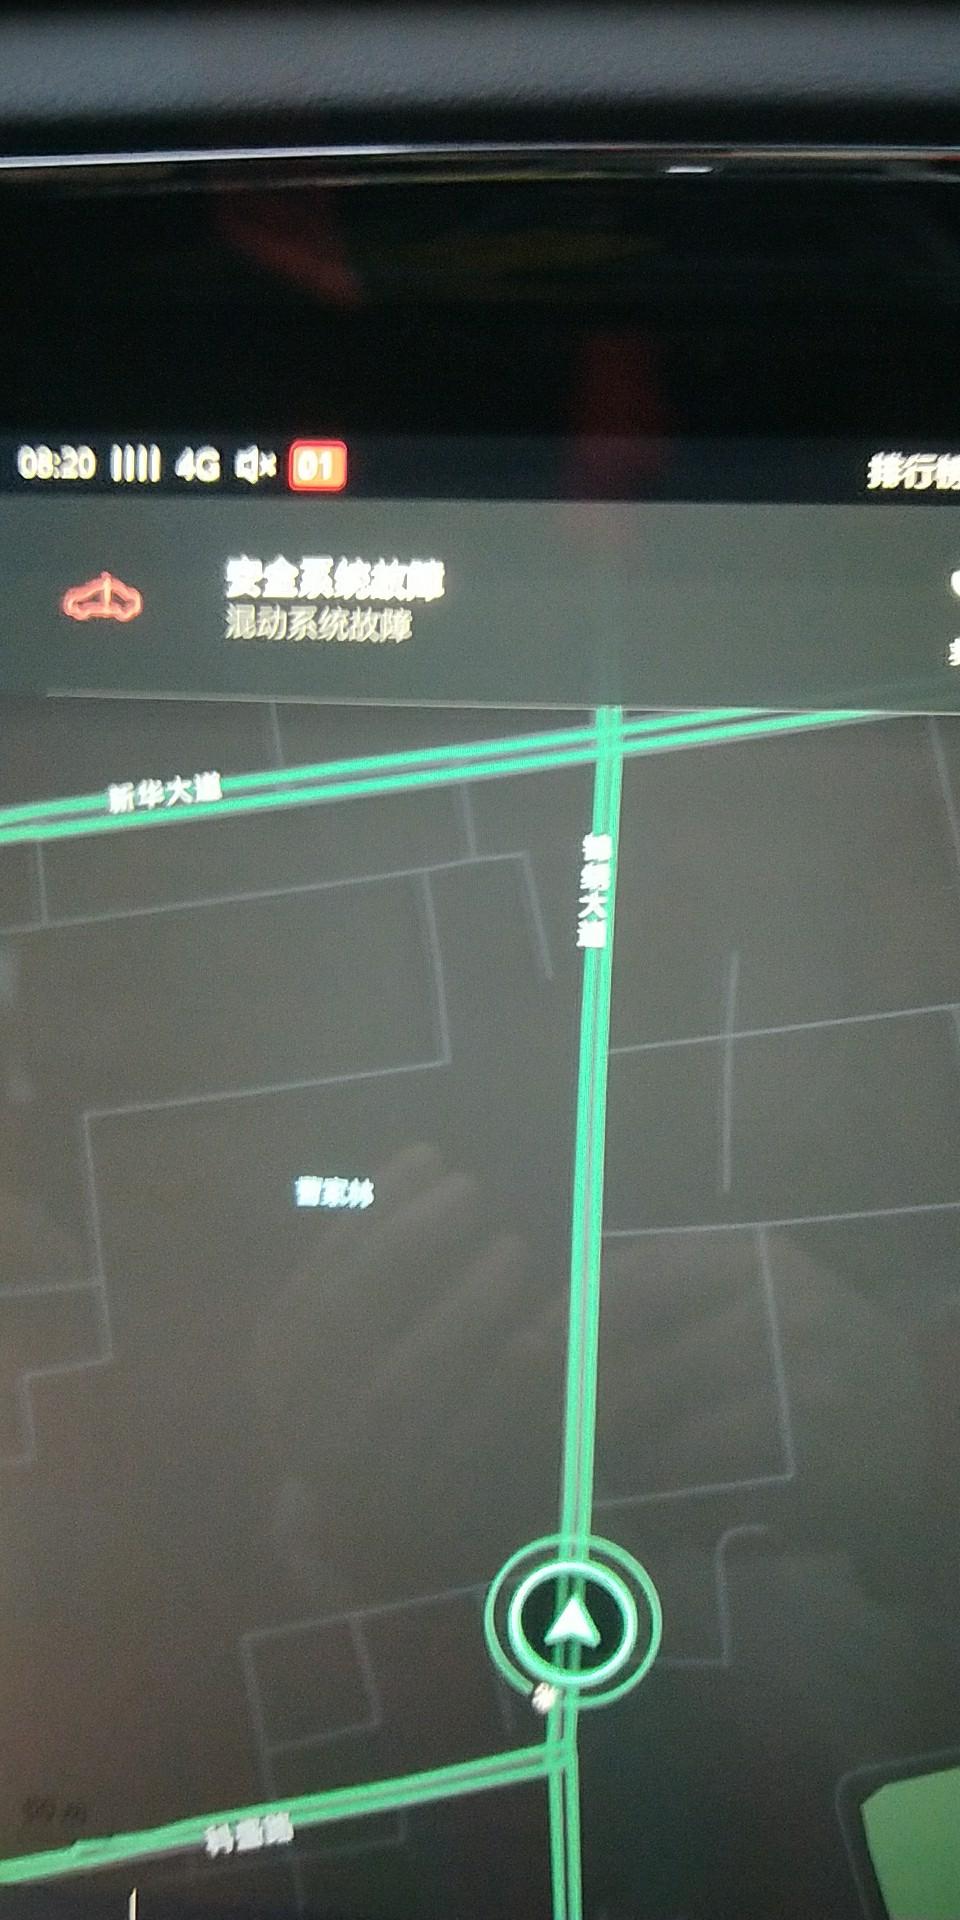 上海汽车-荣威eRX5 新车换大件,迟迟解决不了,影响客户正常生活和工作